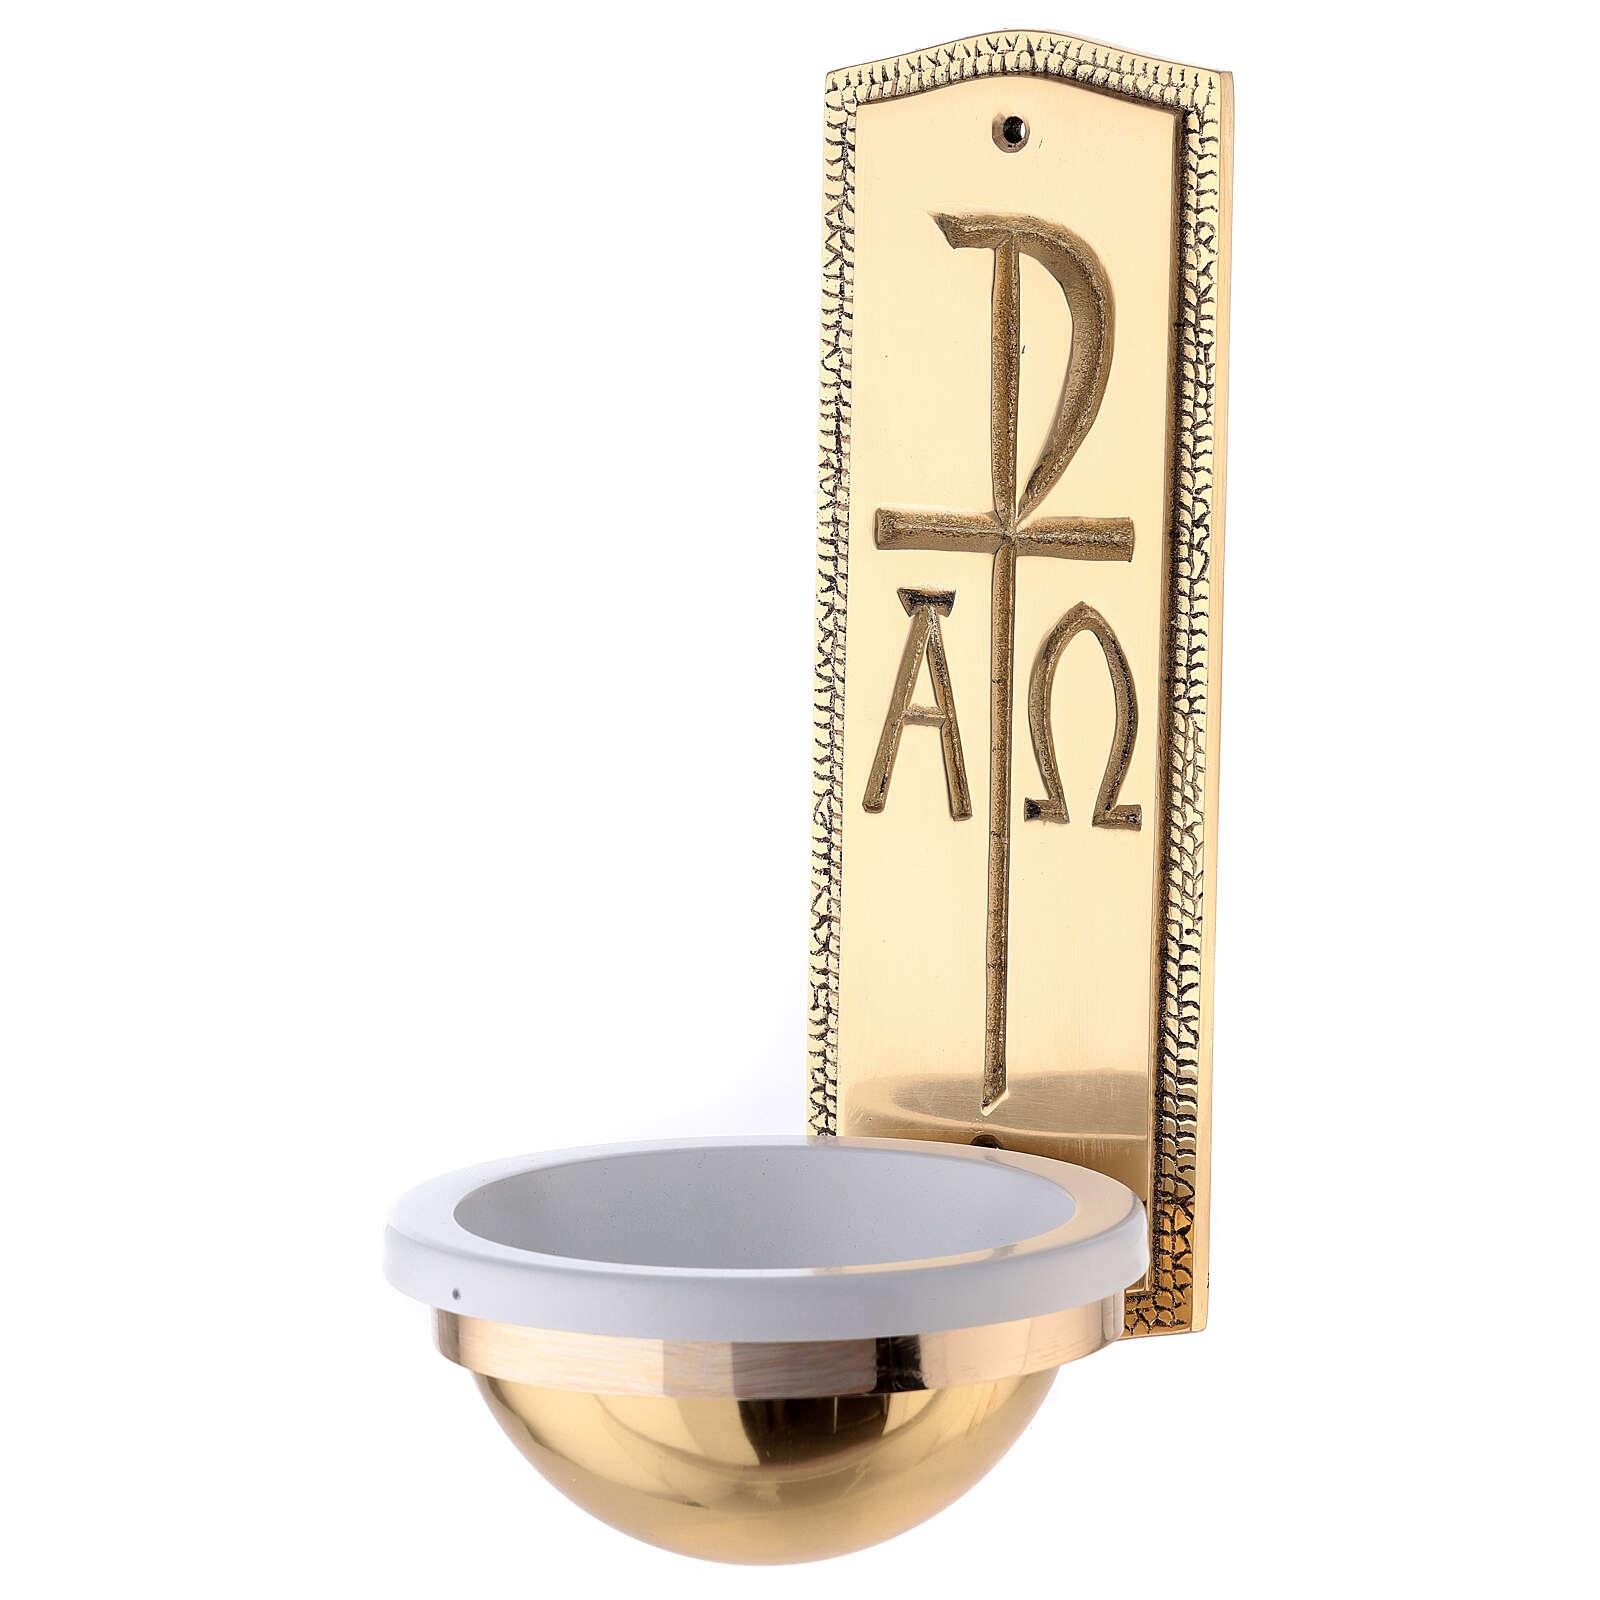 Bénitier monogramme Christ laiton doré 25 cm 4